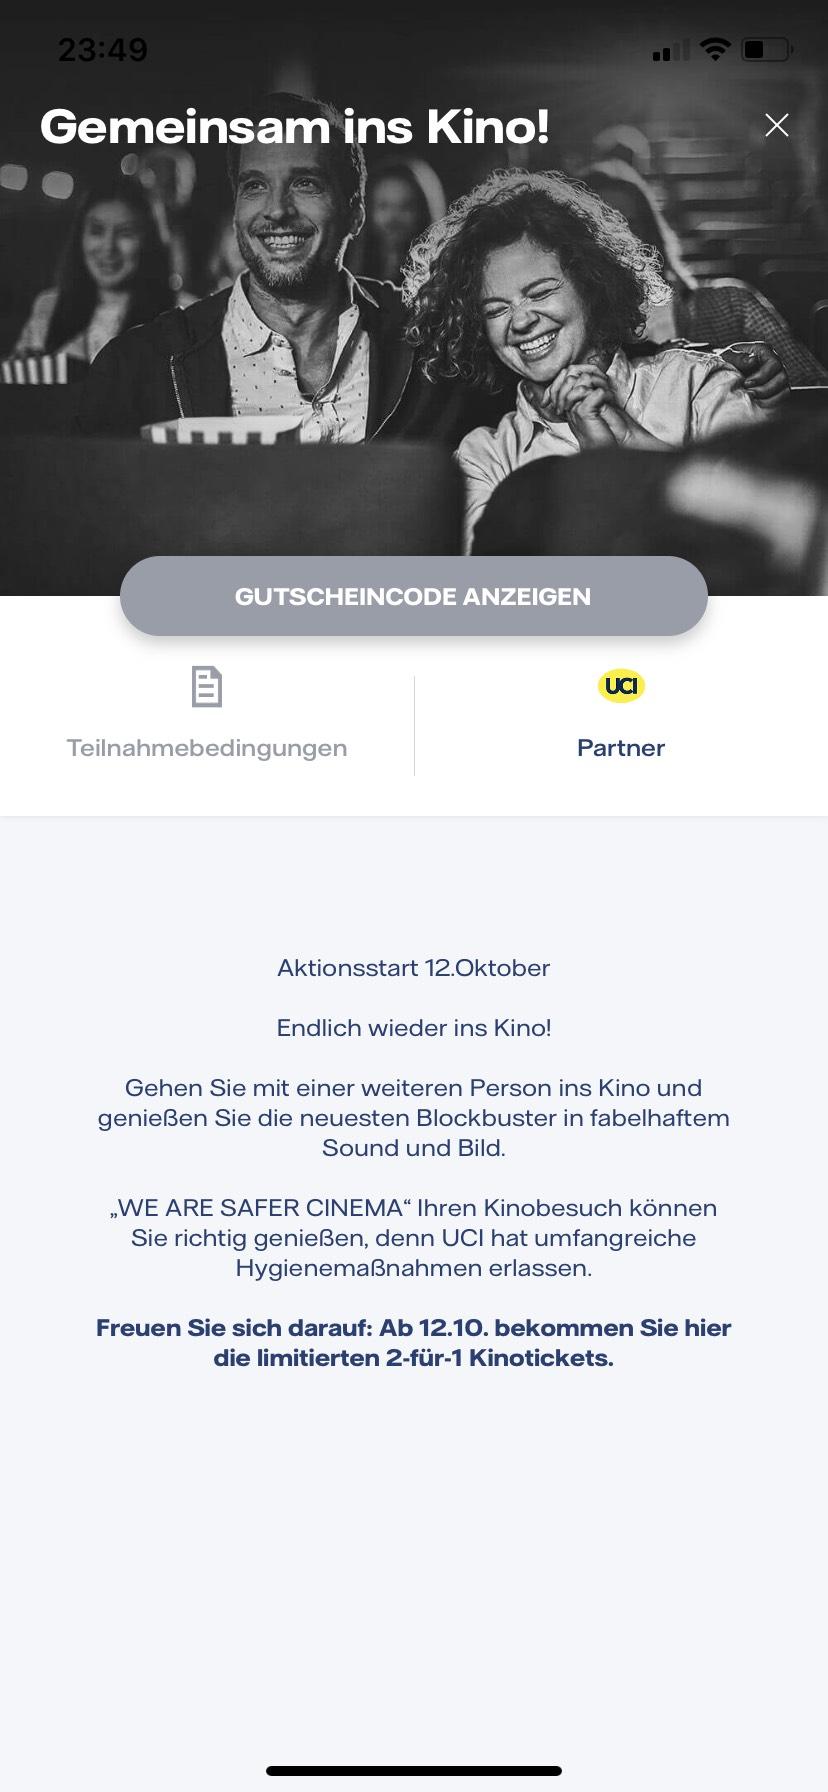 Vattenfall App 2 für 1 UCI-Kinogutscheine ab 12.10.